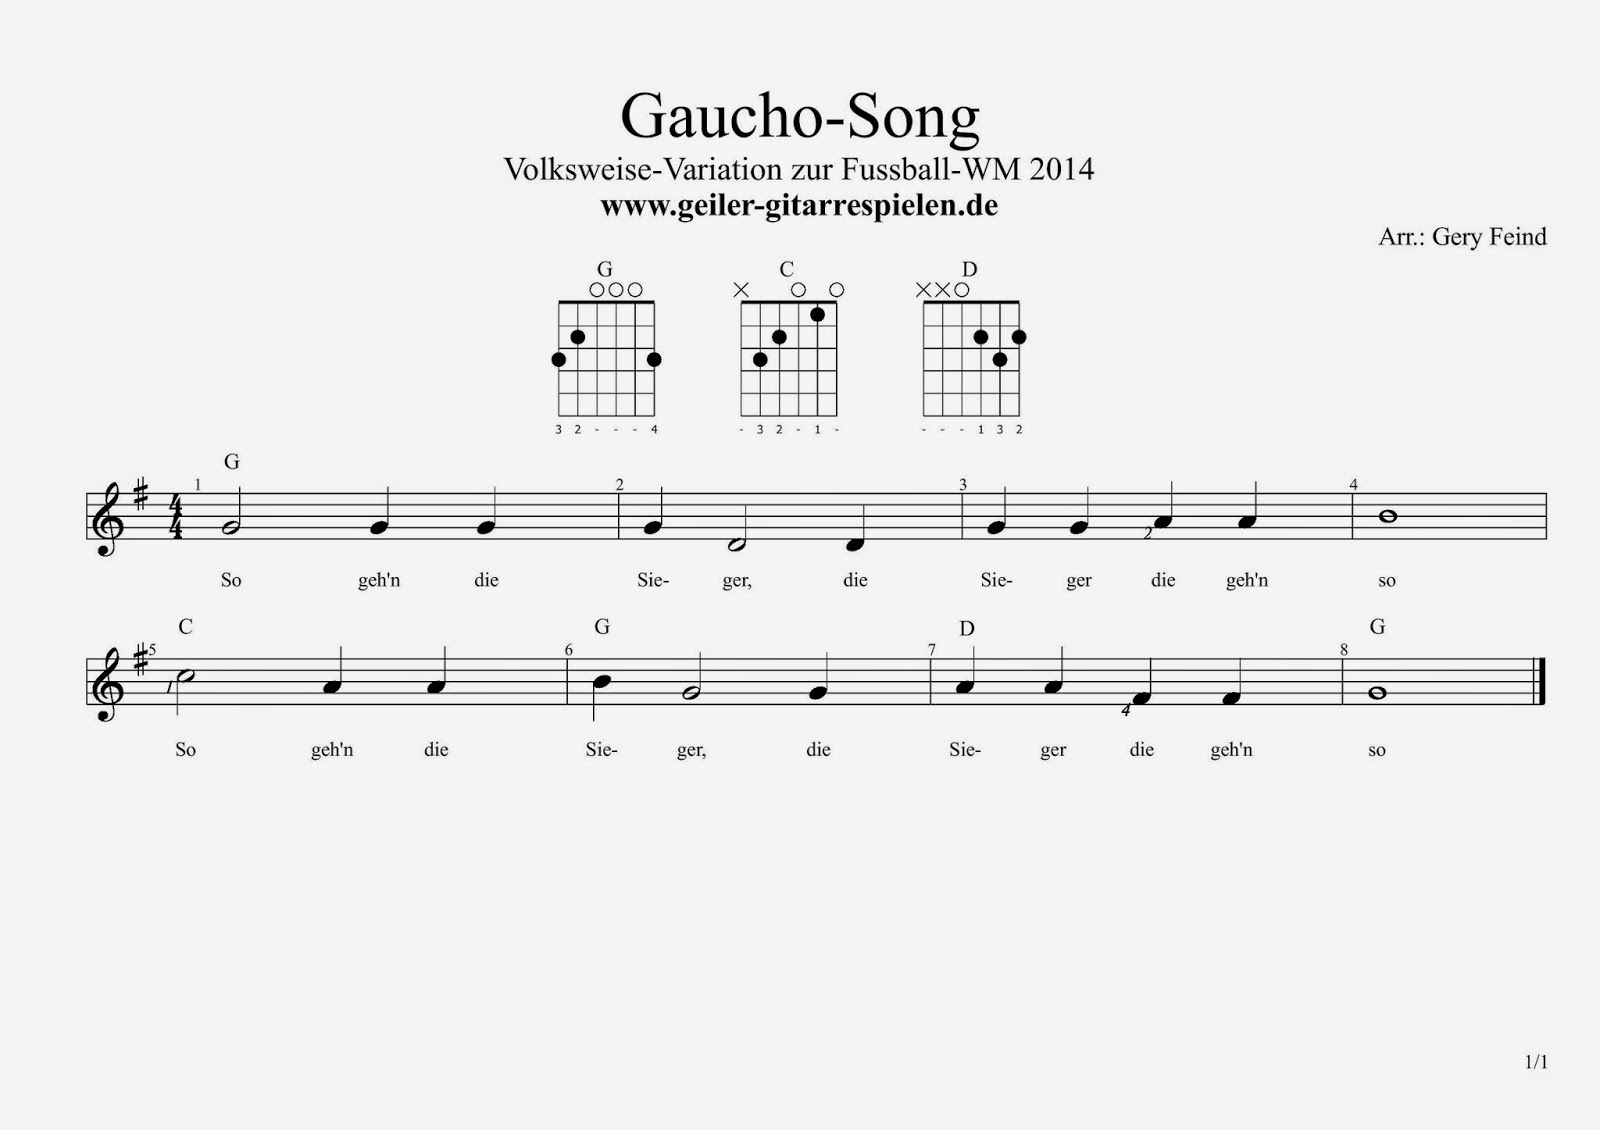 Gaucho Song aka 10 kleine Negerlein | Einfach geiler Gitarre spielen!